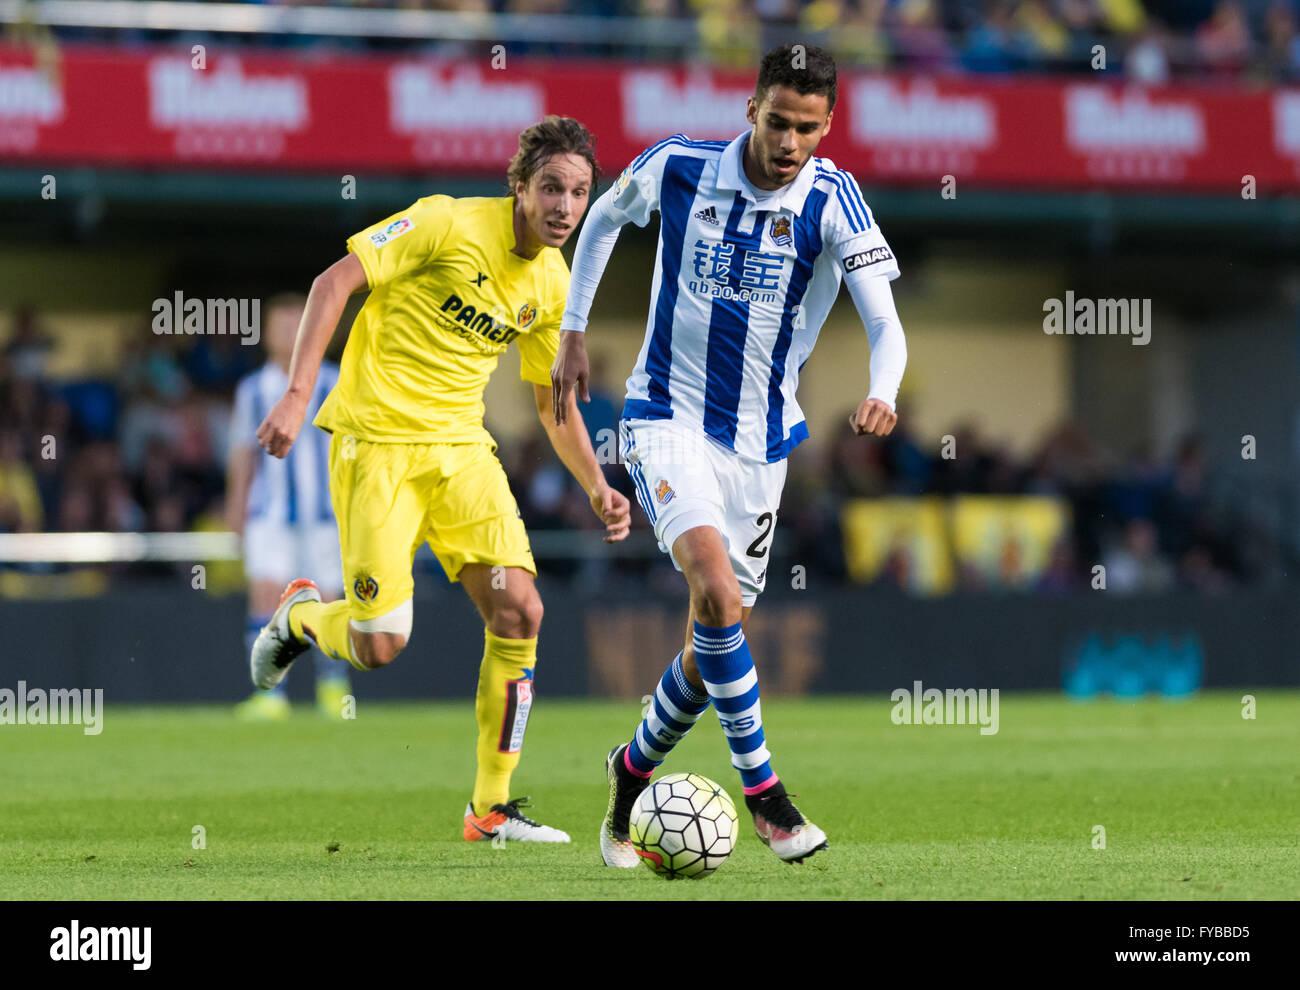 Villareal, Spain. 24th April, 2016. Diego Antonio Reyes Rosales of Real Sociedad during the La Liga match at Estadio - Stock Image